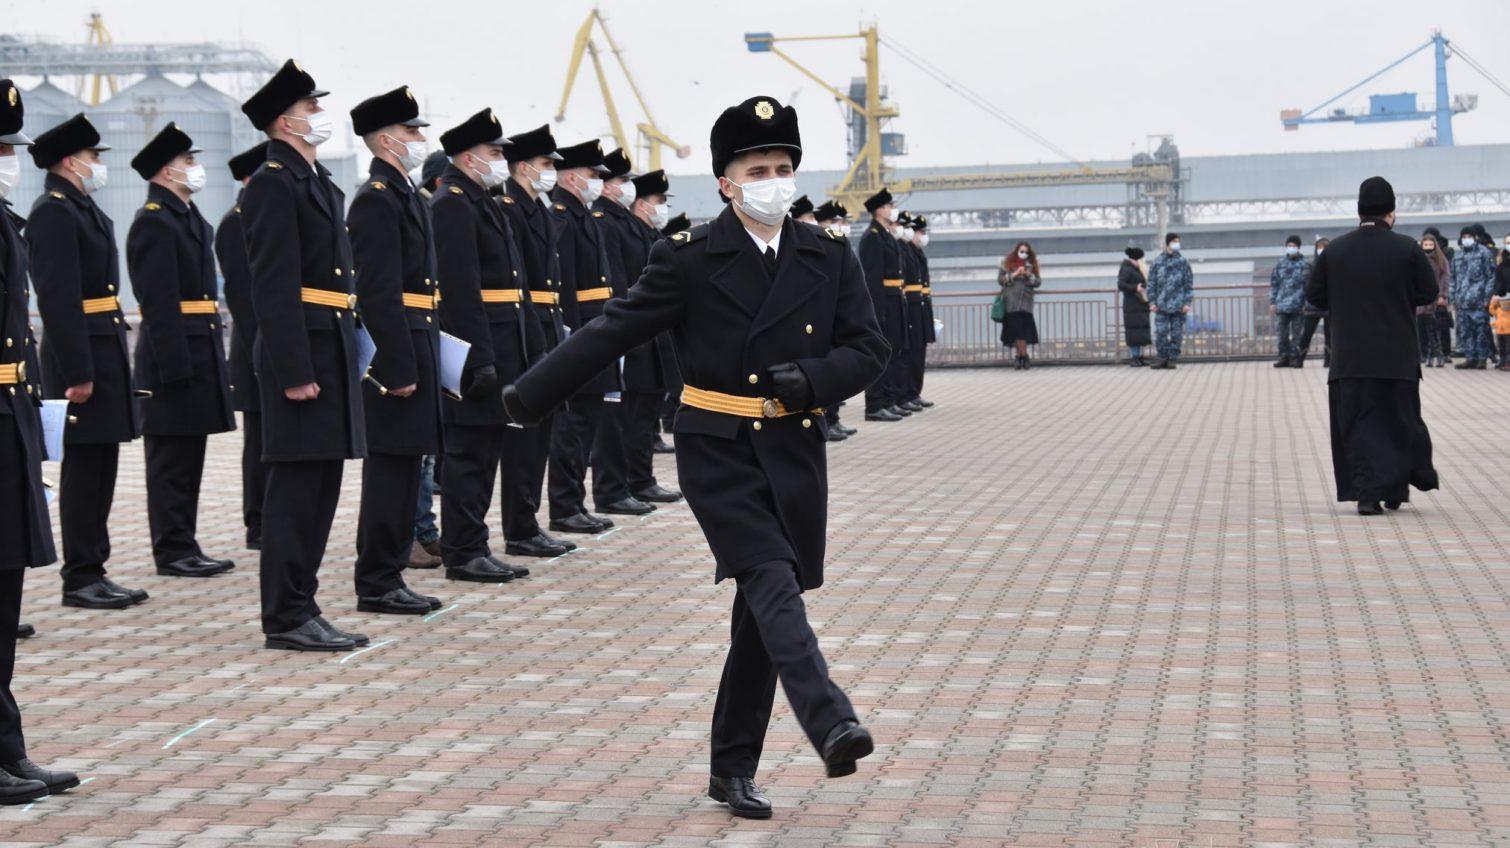 В Одессе 45 выпускников Института ВМС получили свои первые кортики и погоны (фото) «фото»